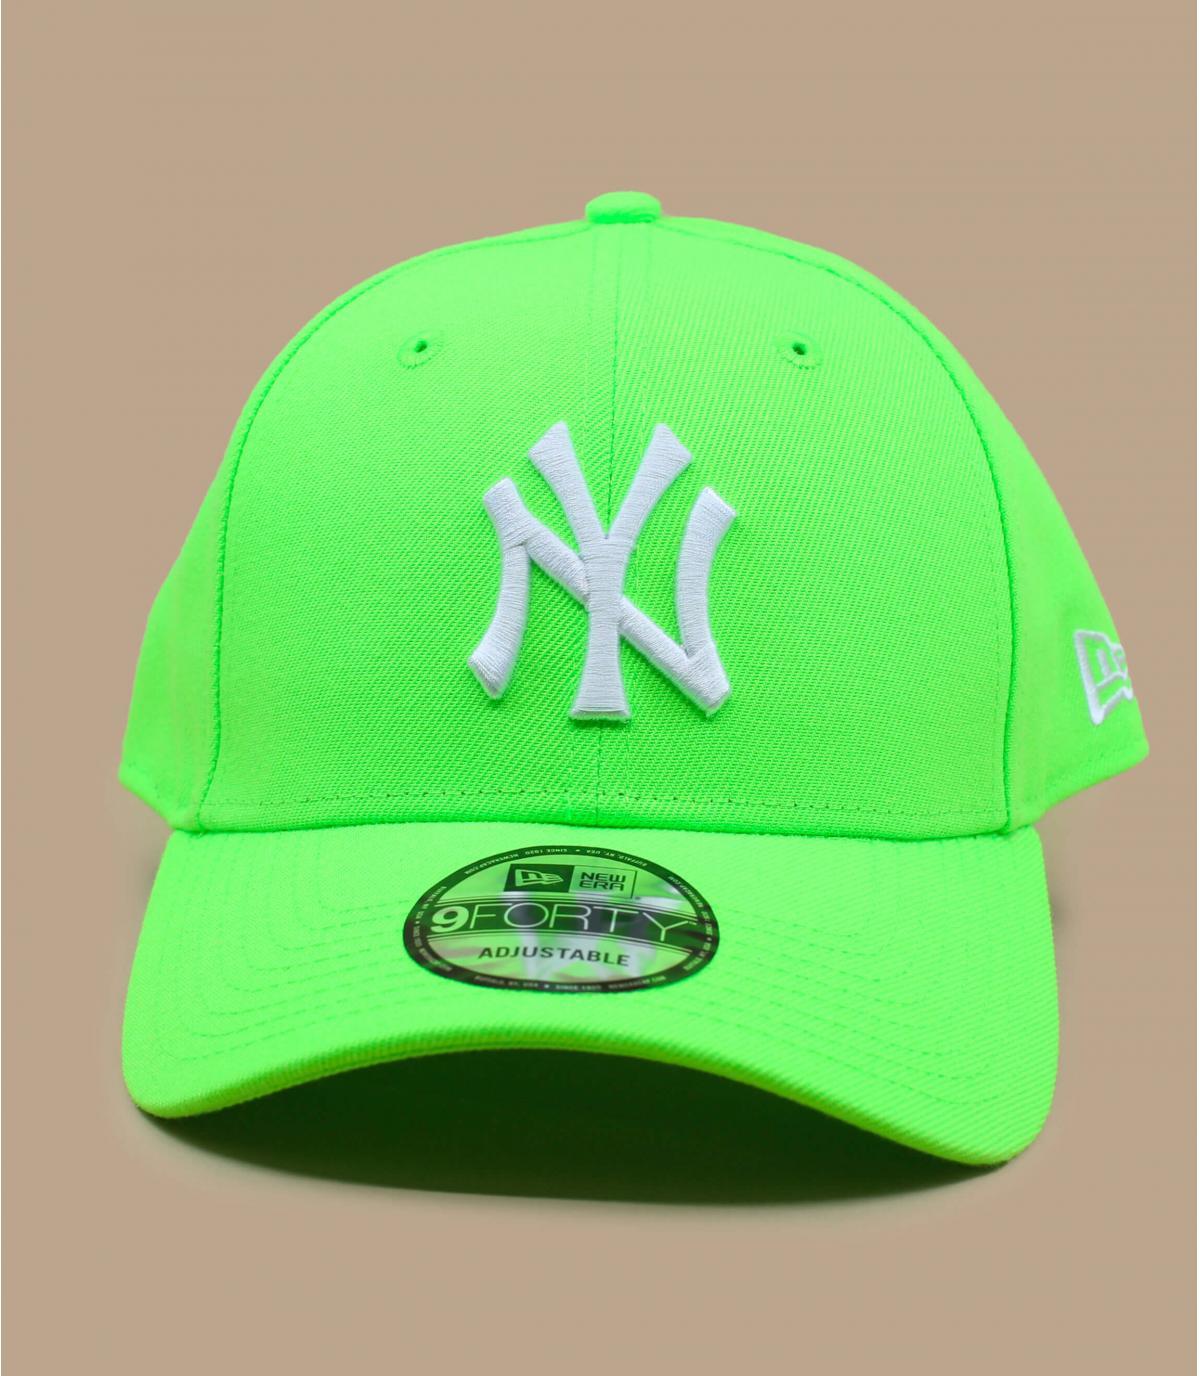 Détails Casquette Kids League Ess NY neon green - image 2